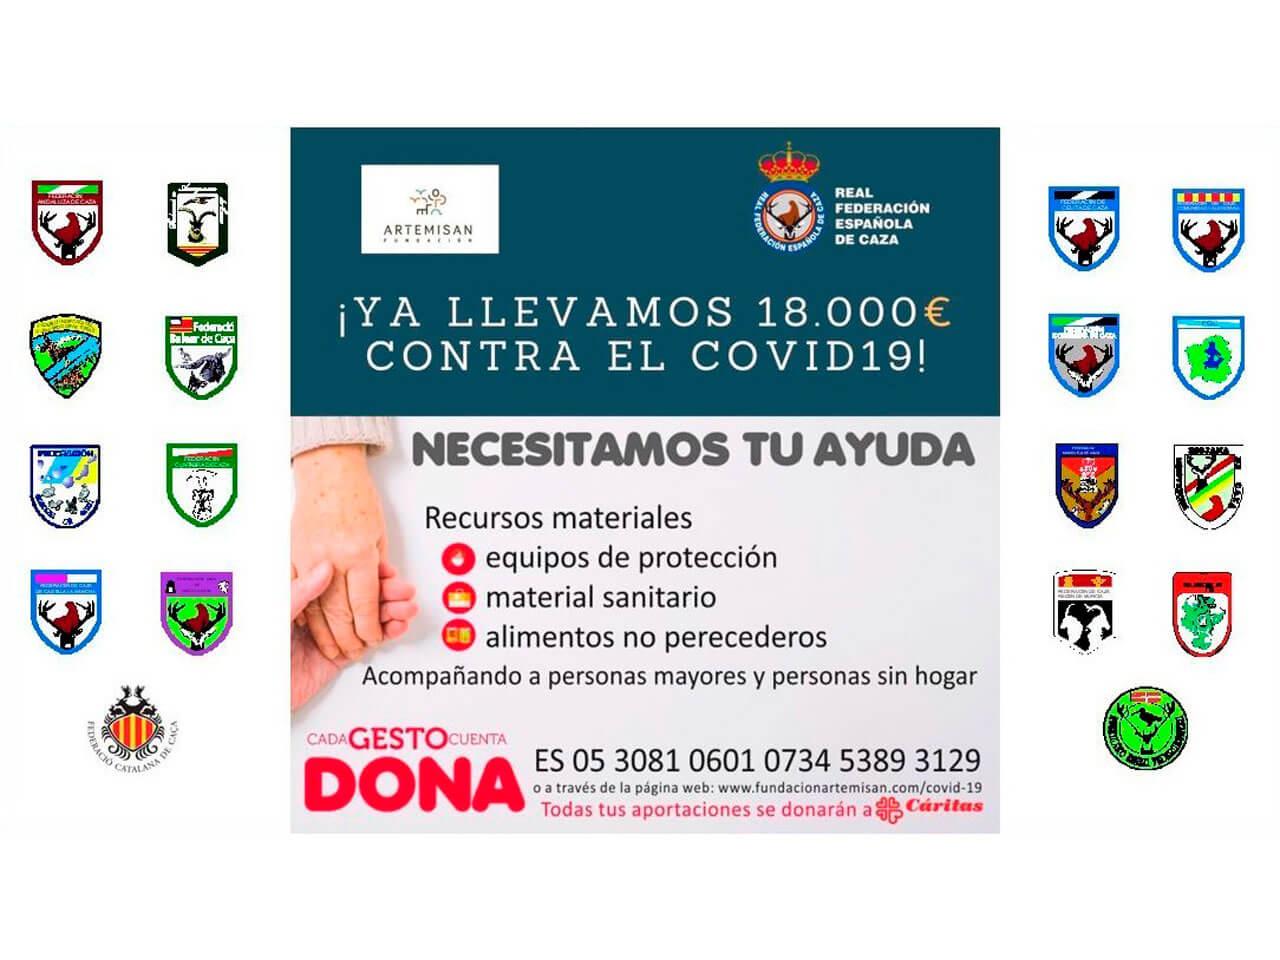 Las Federaciones de Caza y Artemisan donan 18.000 €